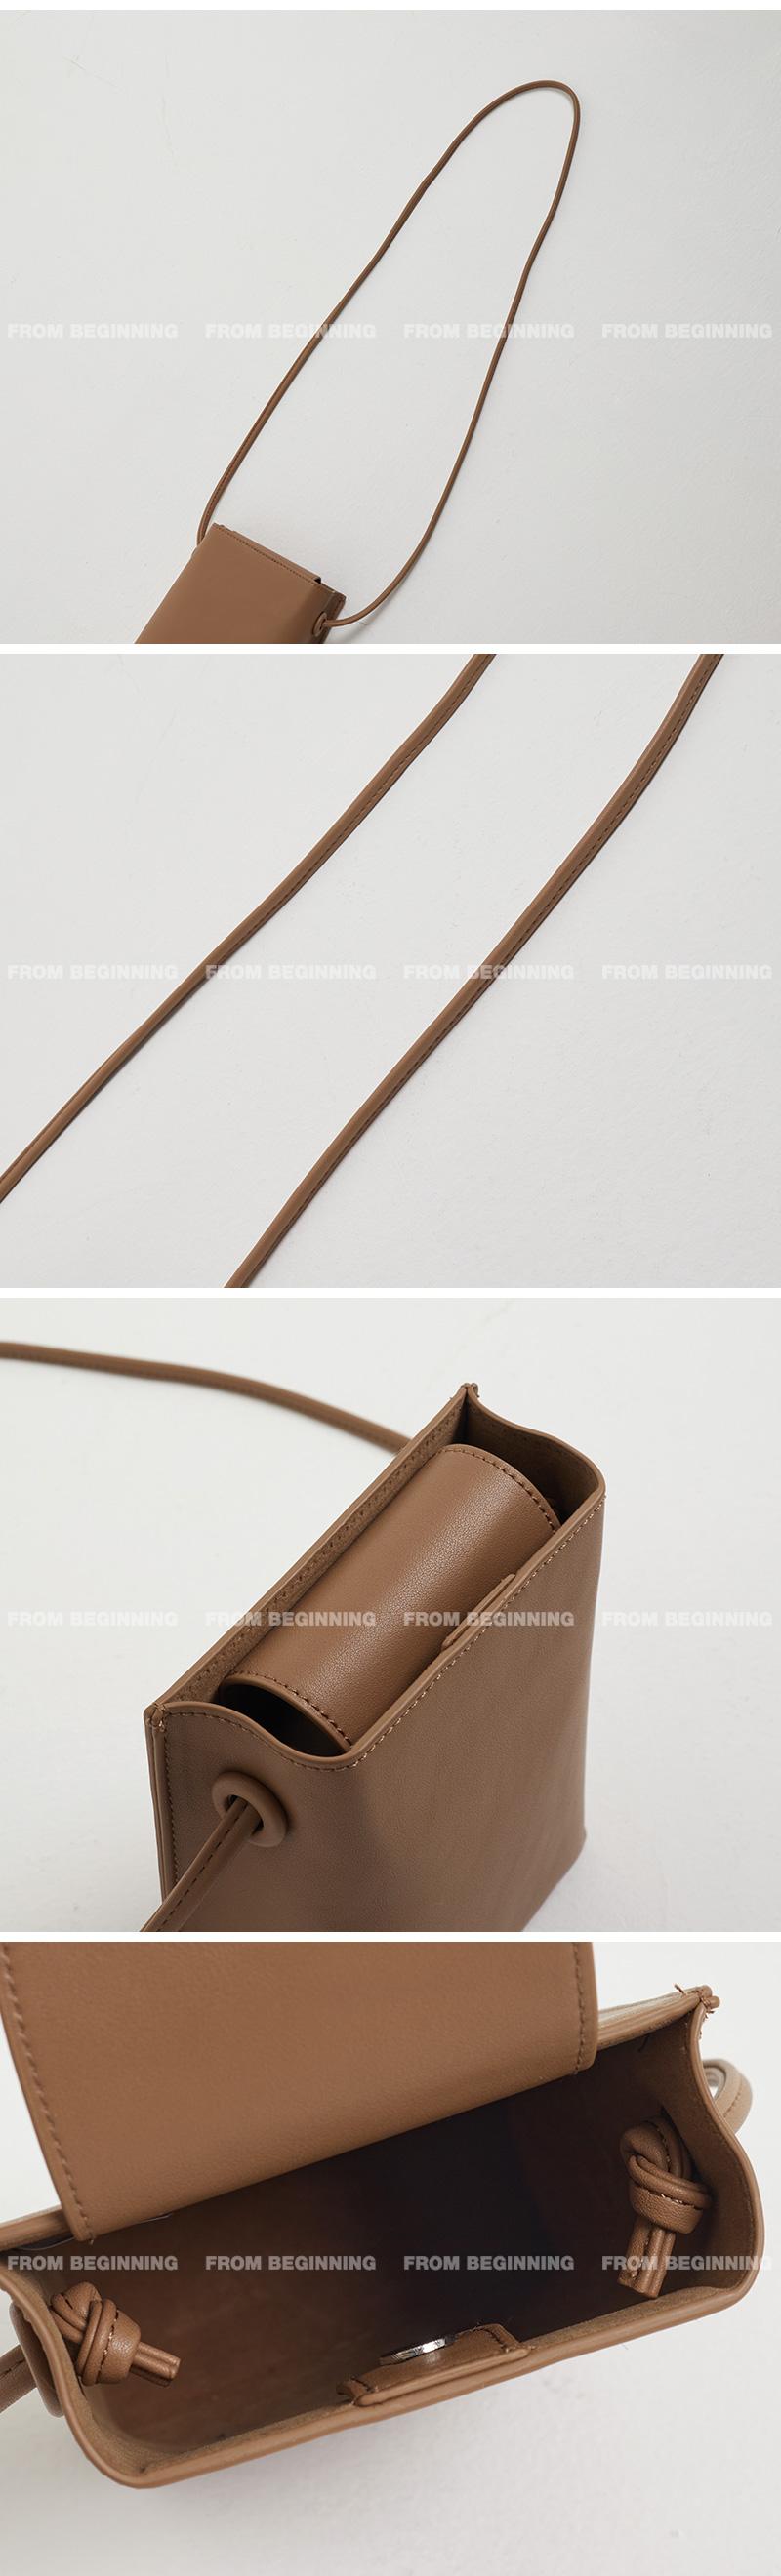 Square Box Leather Mini Shoulder Bag